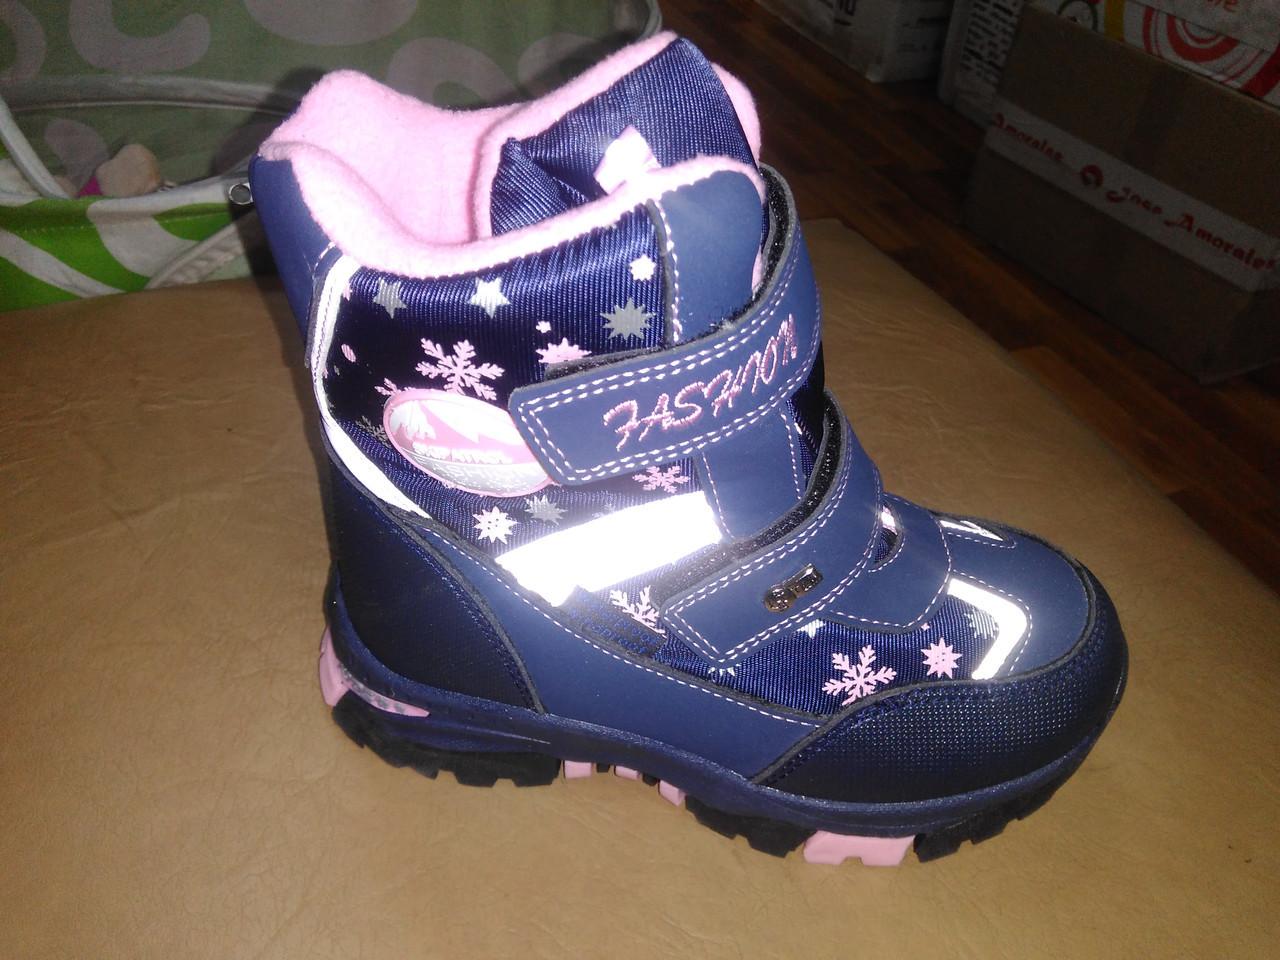 93173887efe5d4 Зимние теплые сапожки 27-32 р. Tom.m на девочку Синий со снежинками, 28